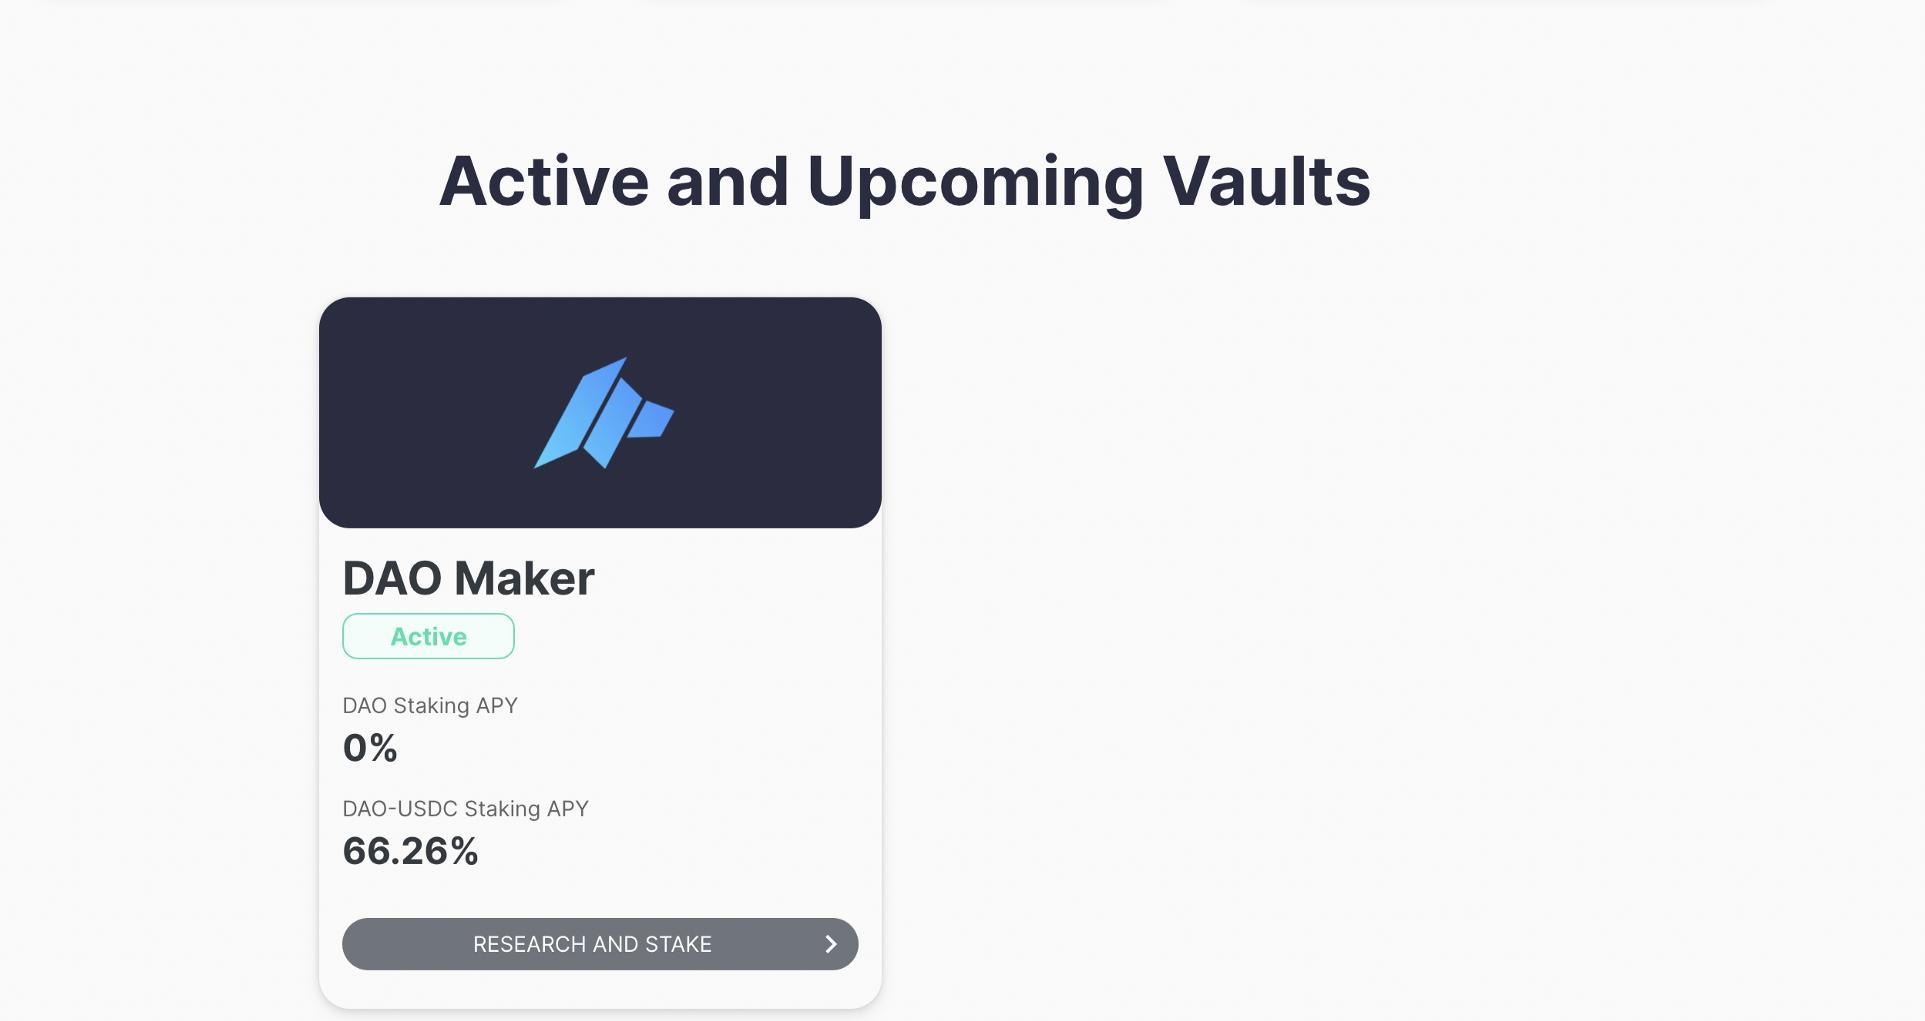 شرح منصة الاكتتابات Dao Maker وكيفية التسجيل فيها